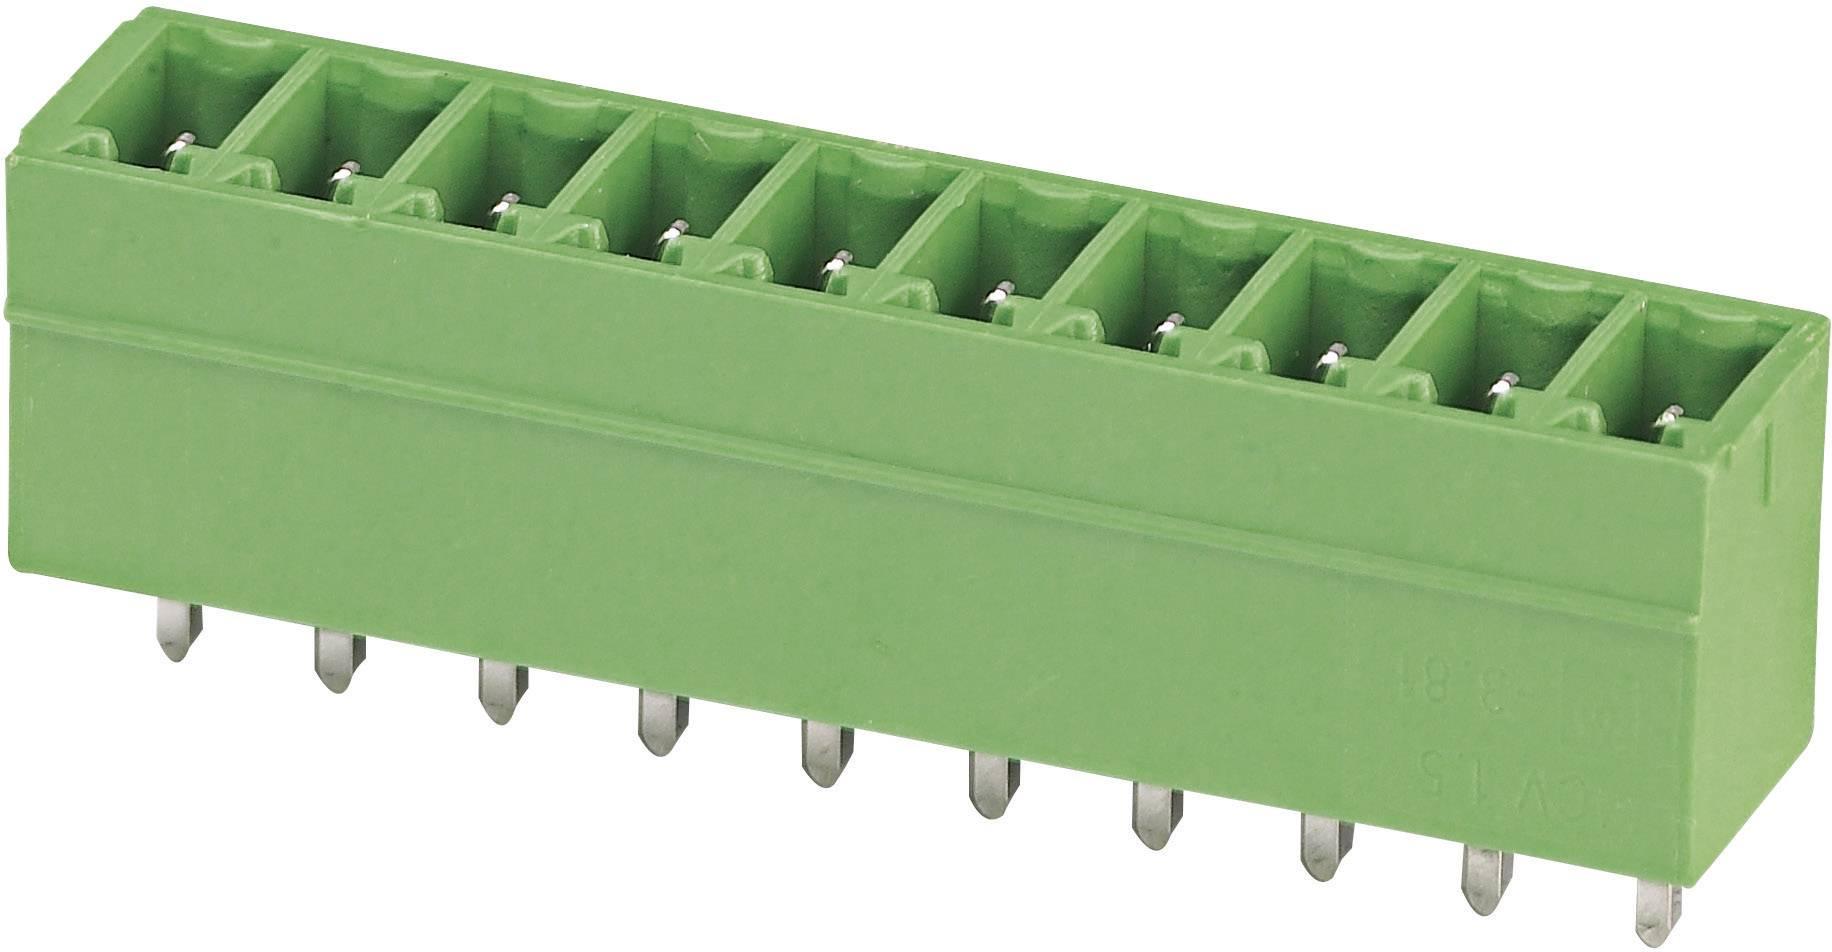 Svorkovnice 1řadá do DPS Phoenix Contact MCV 1,5/ 6-G-3,81 (1803468), 6pól., zelená